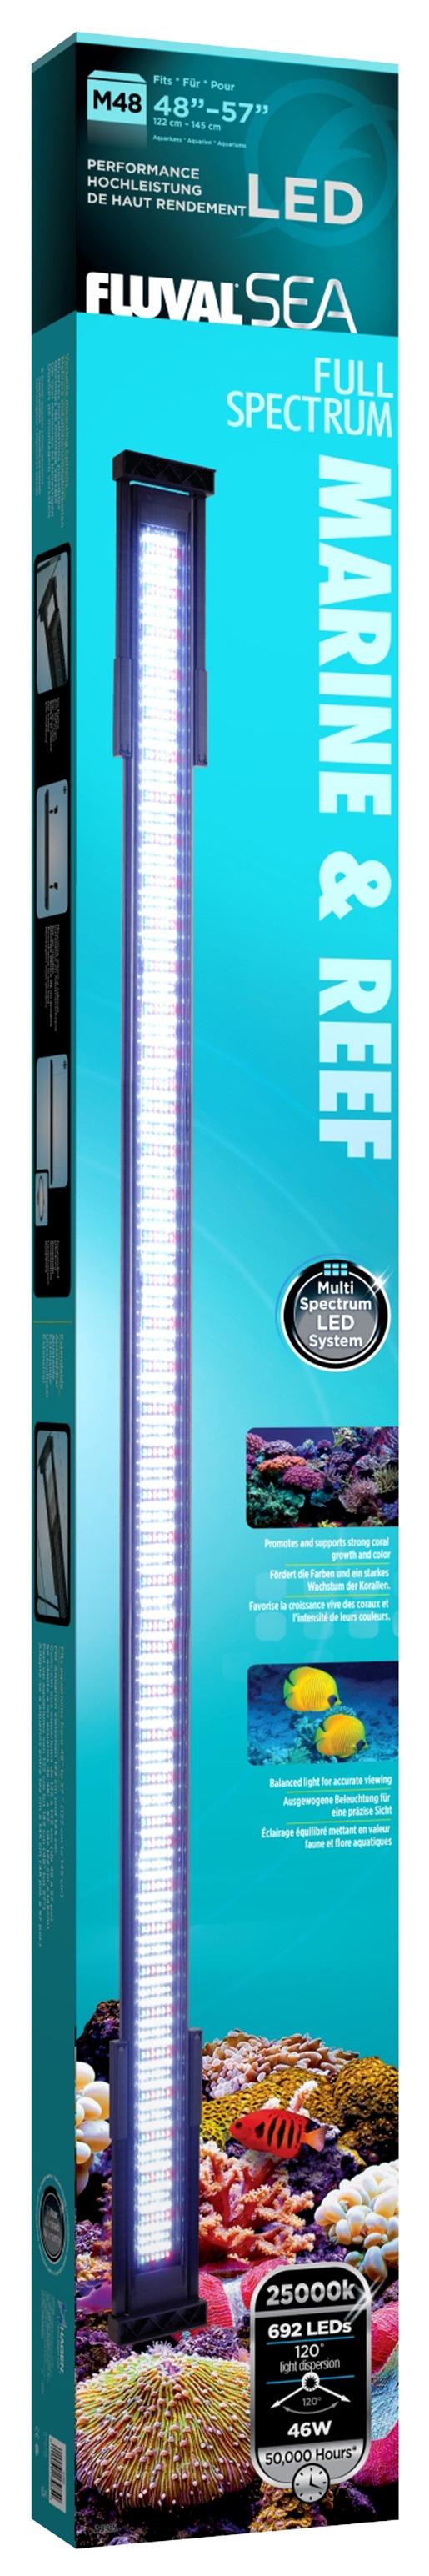 Osvětlení FLUVAL MARINE & REEF LED 122 - 145 cm 46W